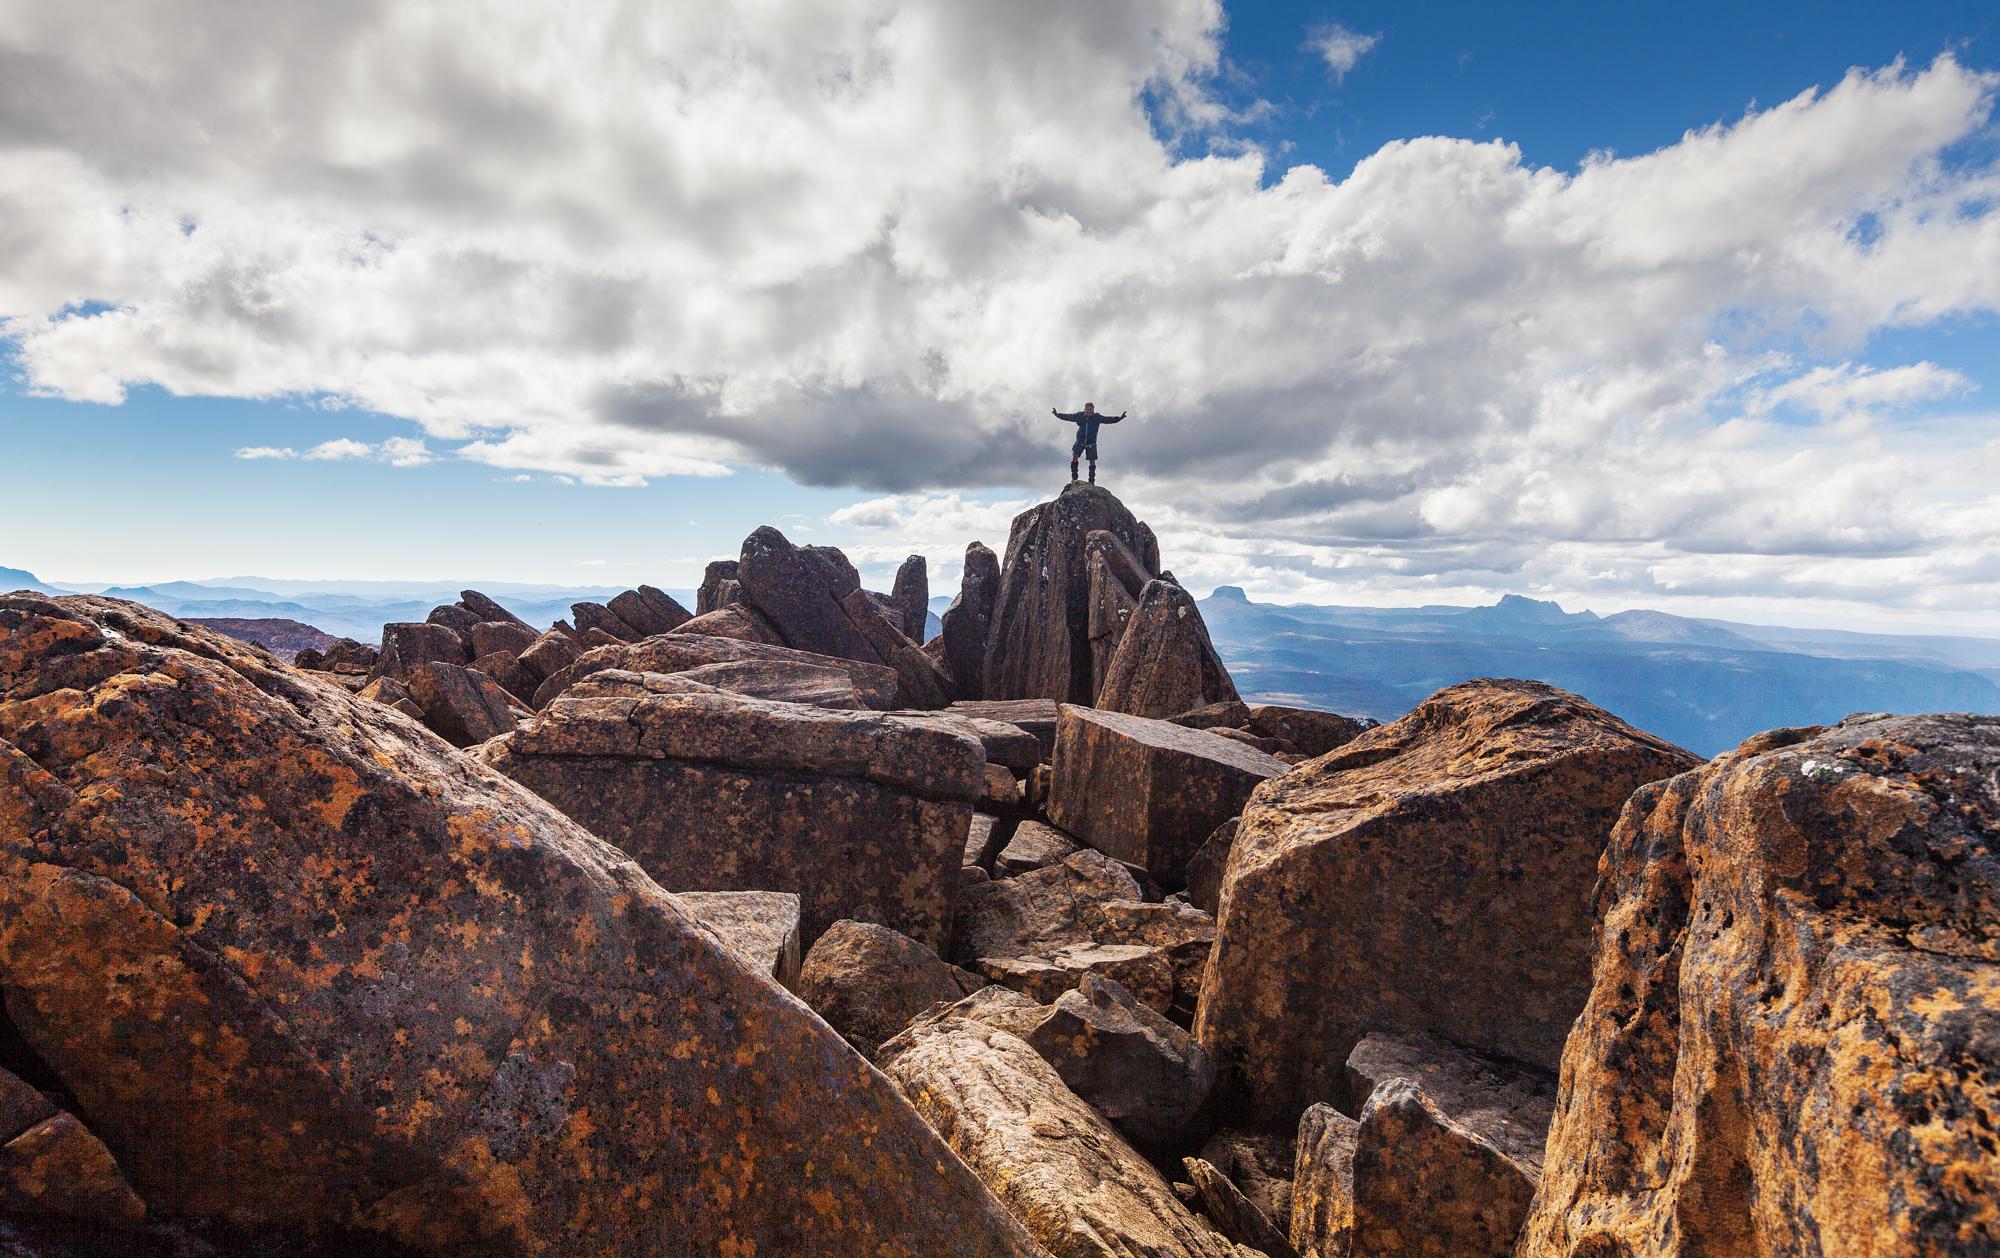 Tasmania_2015_244_2000PX.jpg